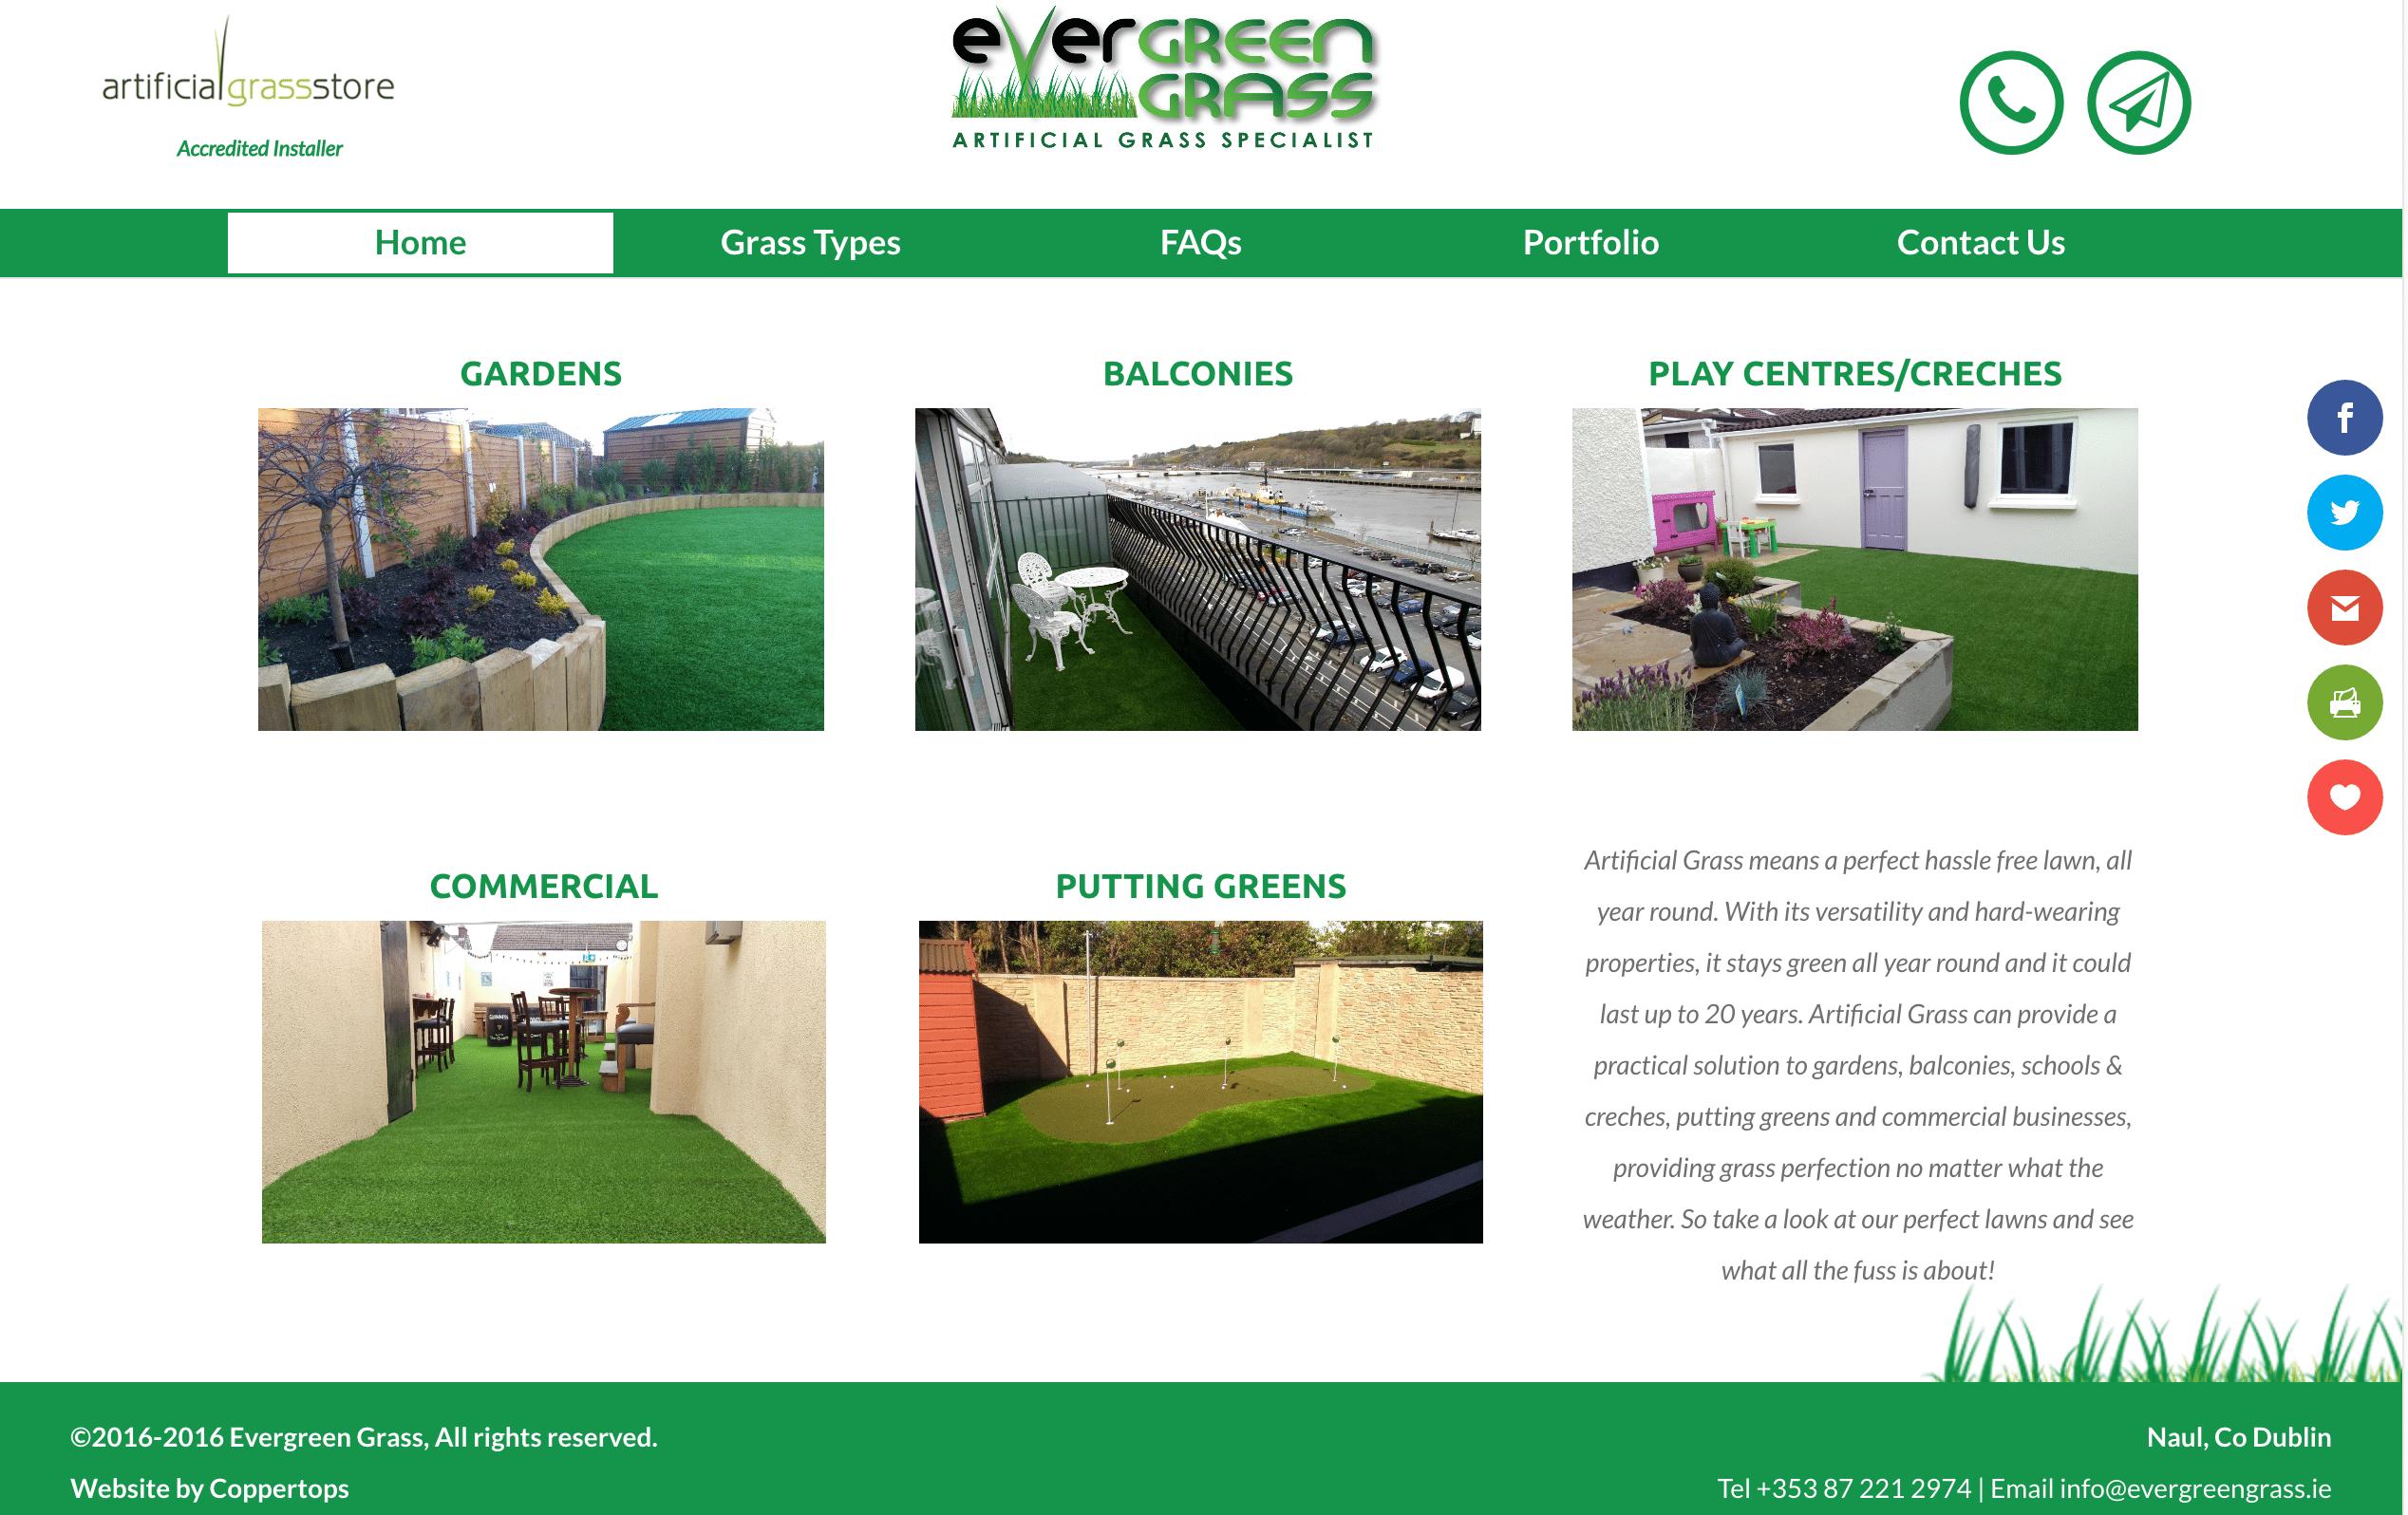 Evergreen Grass Web Design